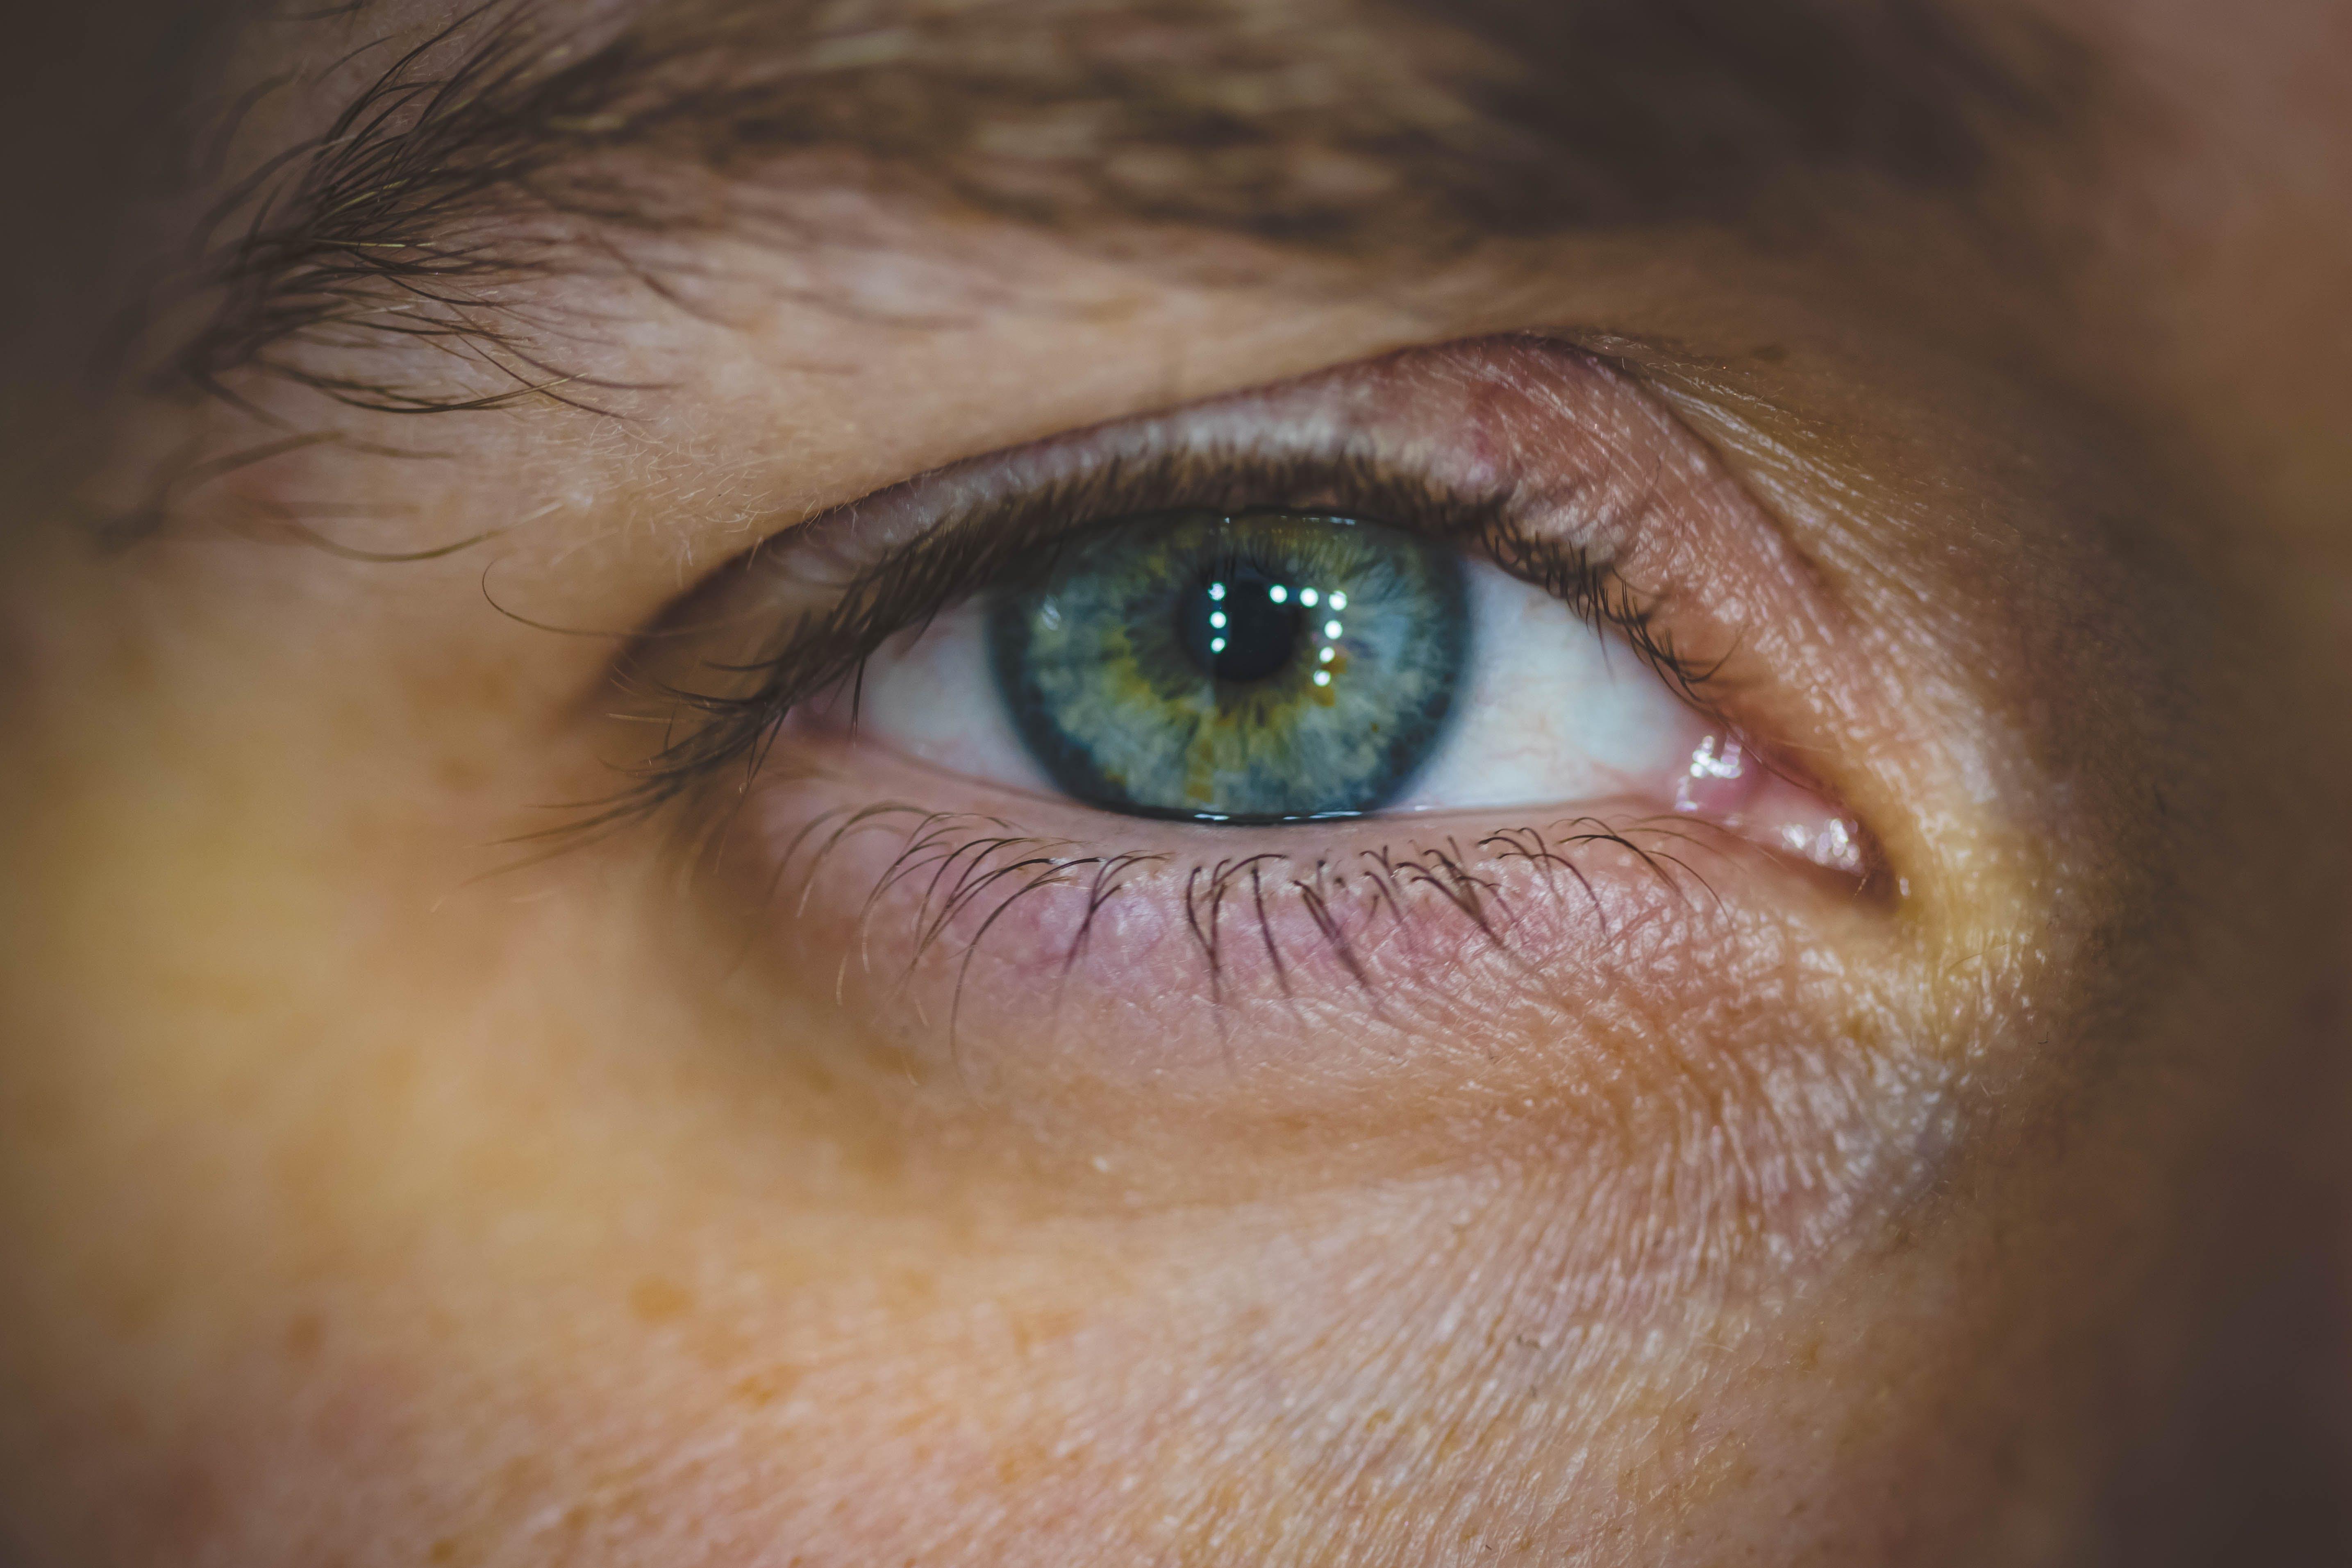 Immagine gratuita di adulto, bellissimo, bulbo oculare, ciglia